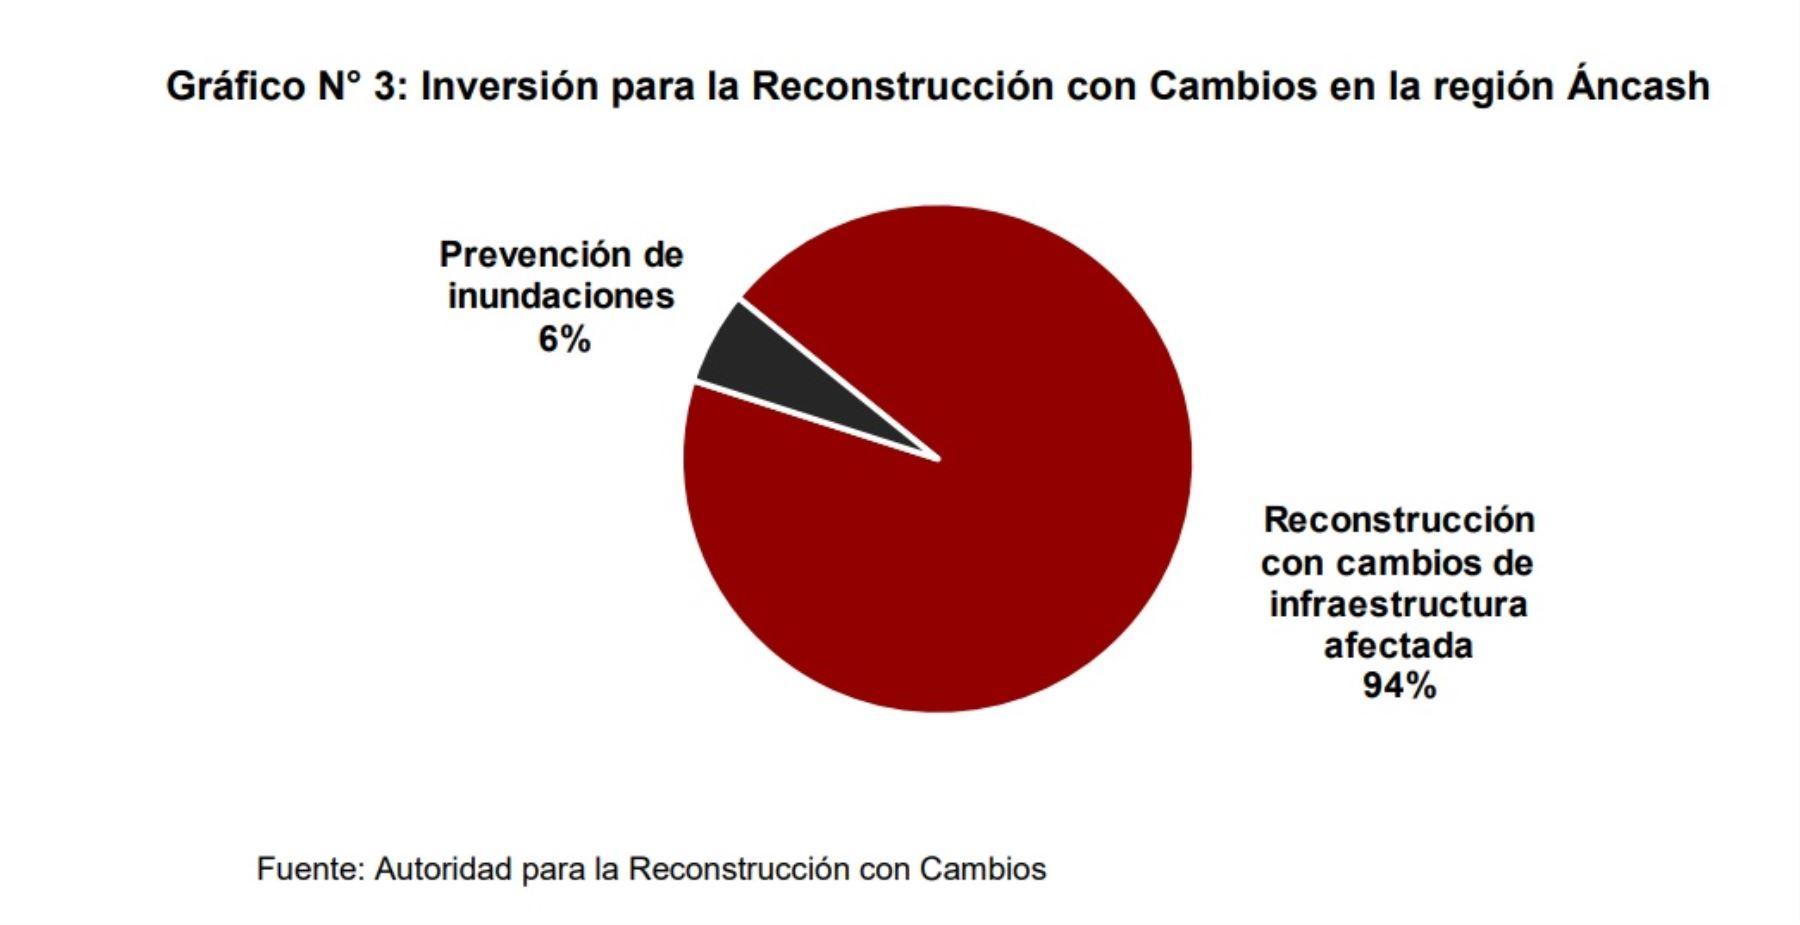 Inversión para la Reconstrucción con Cambios en la región Áncash.